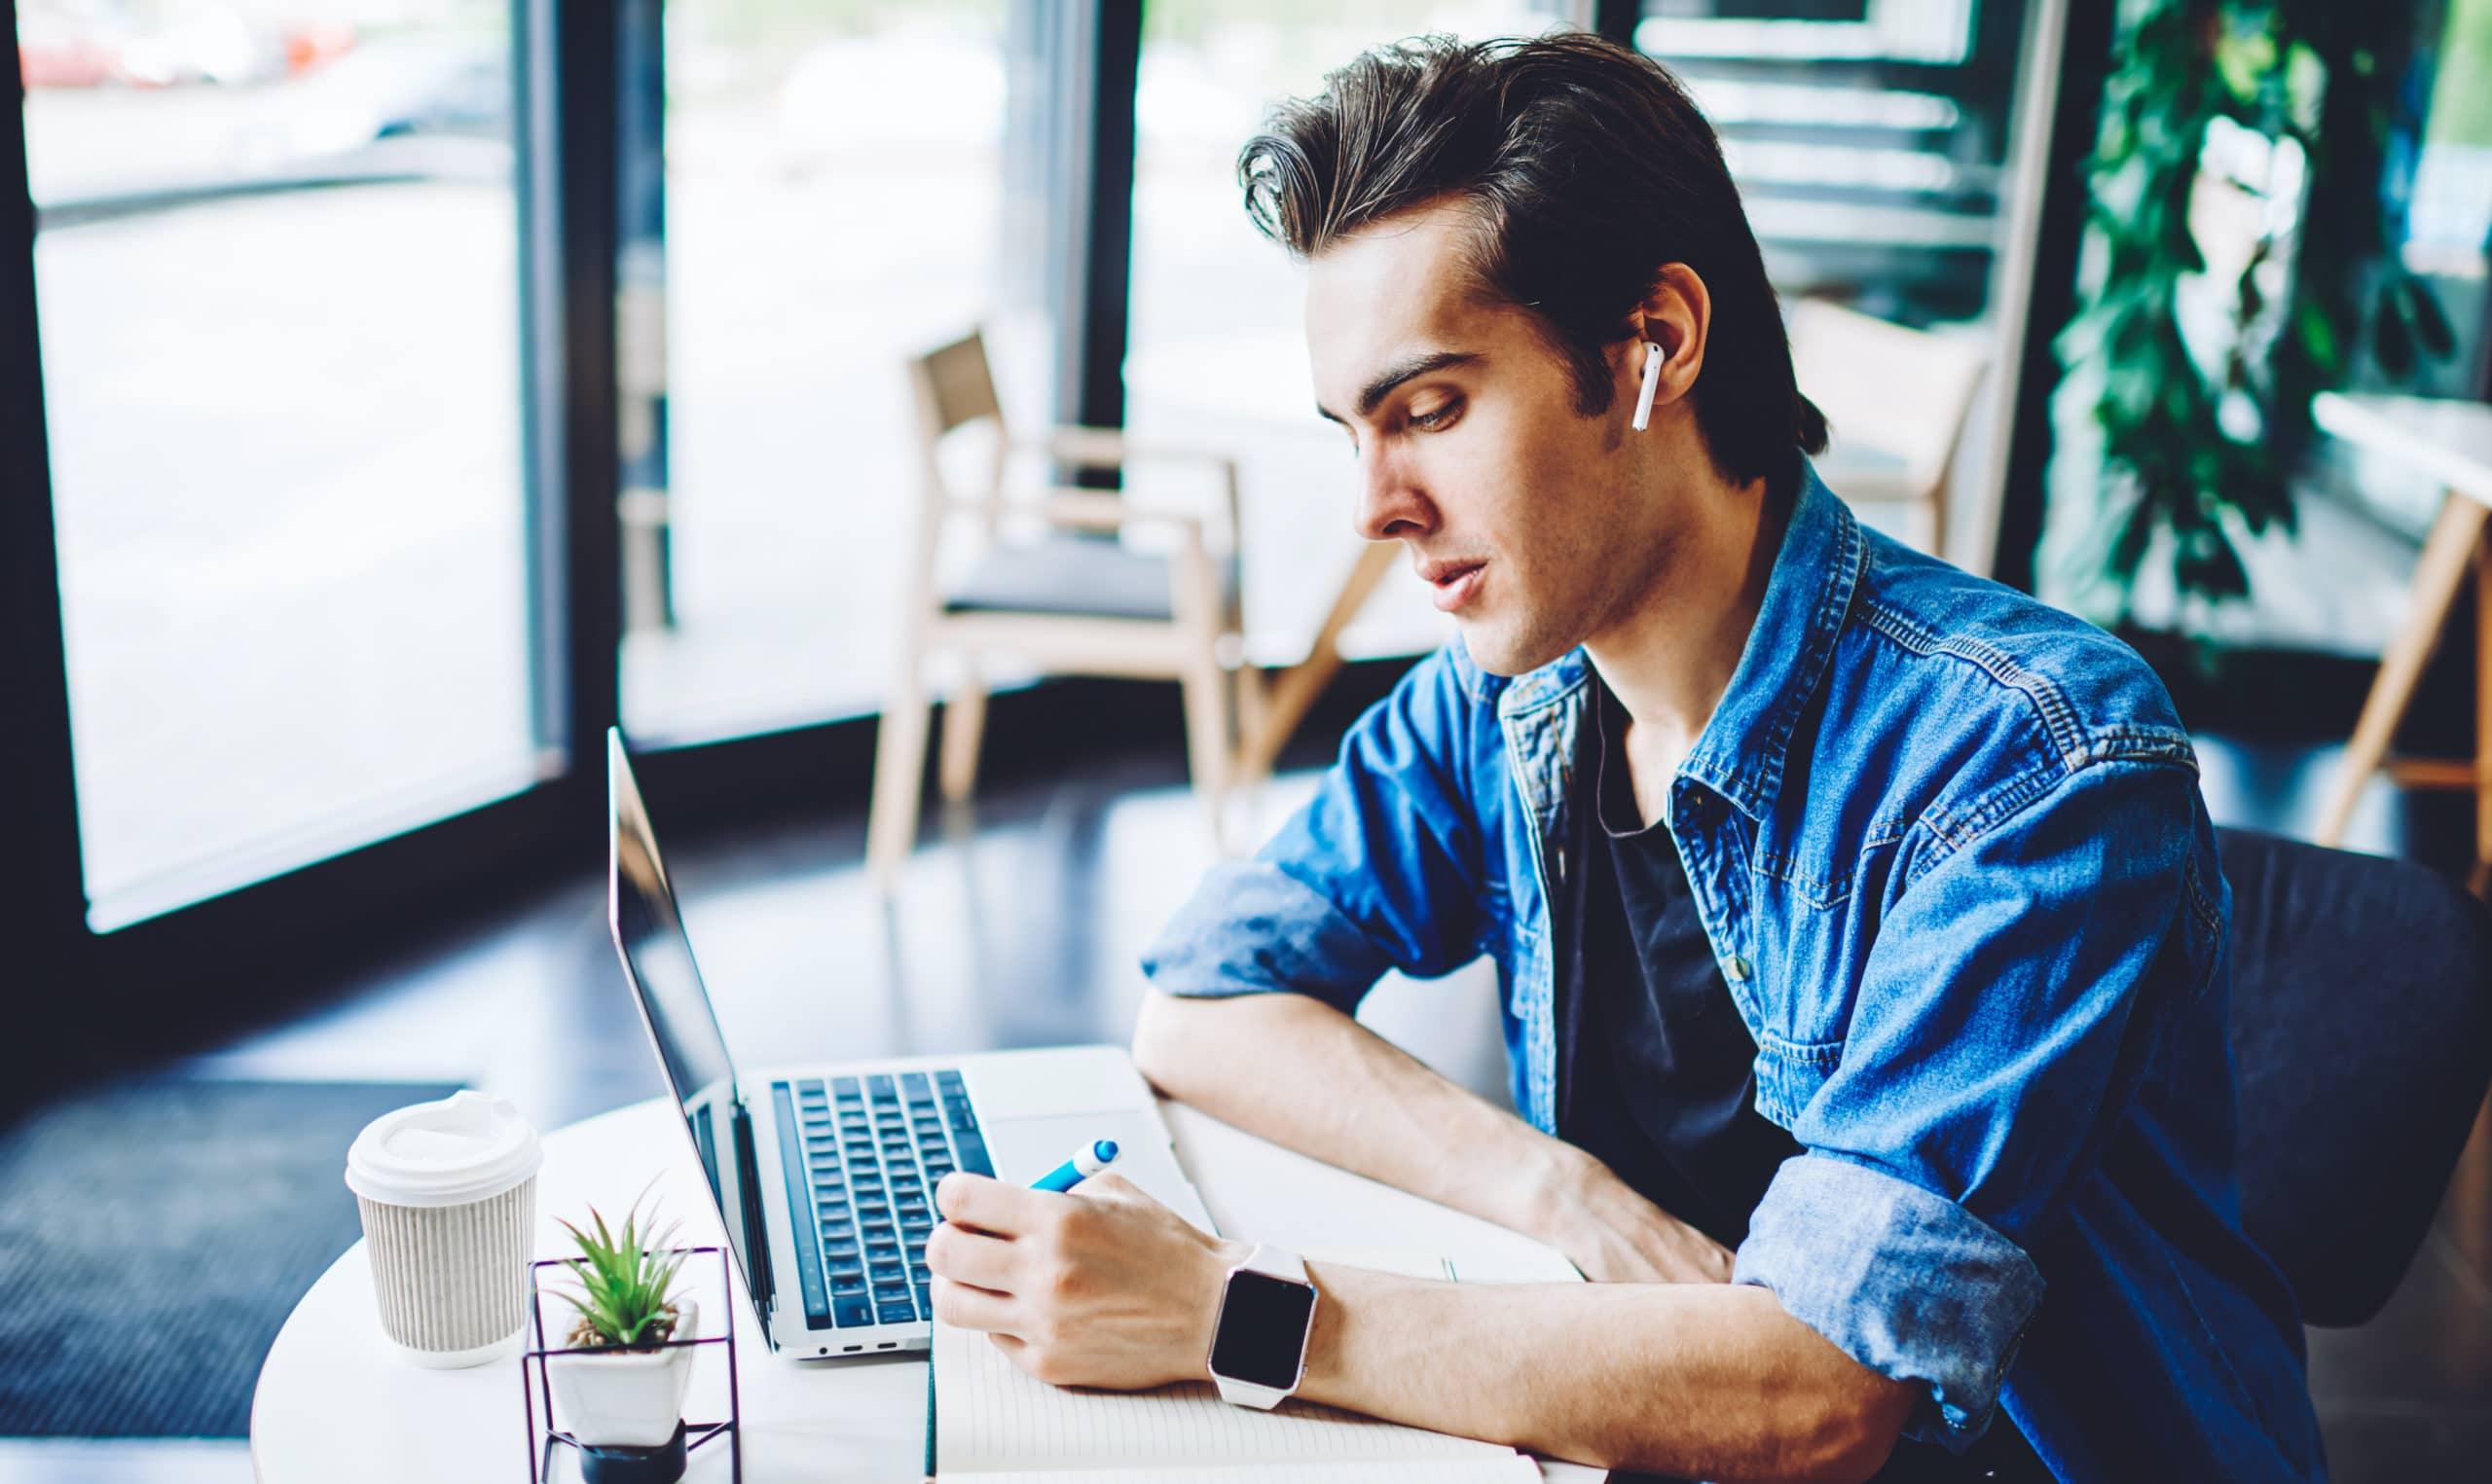 Homem usando AirPods e Apple Watch trabalhando no computador